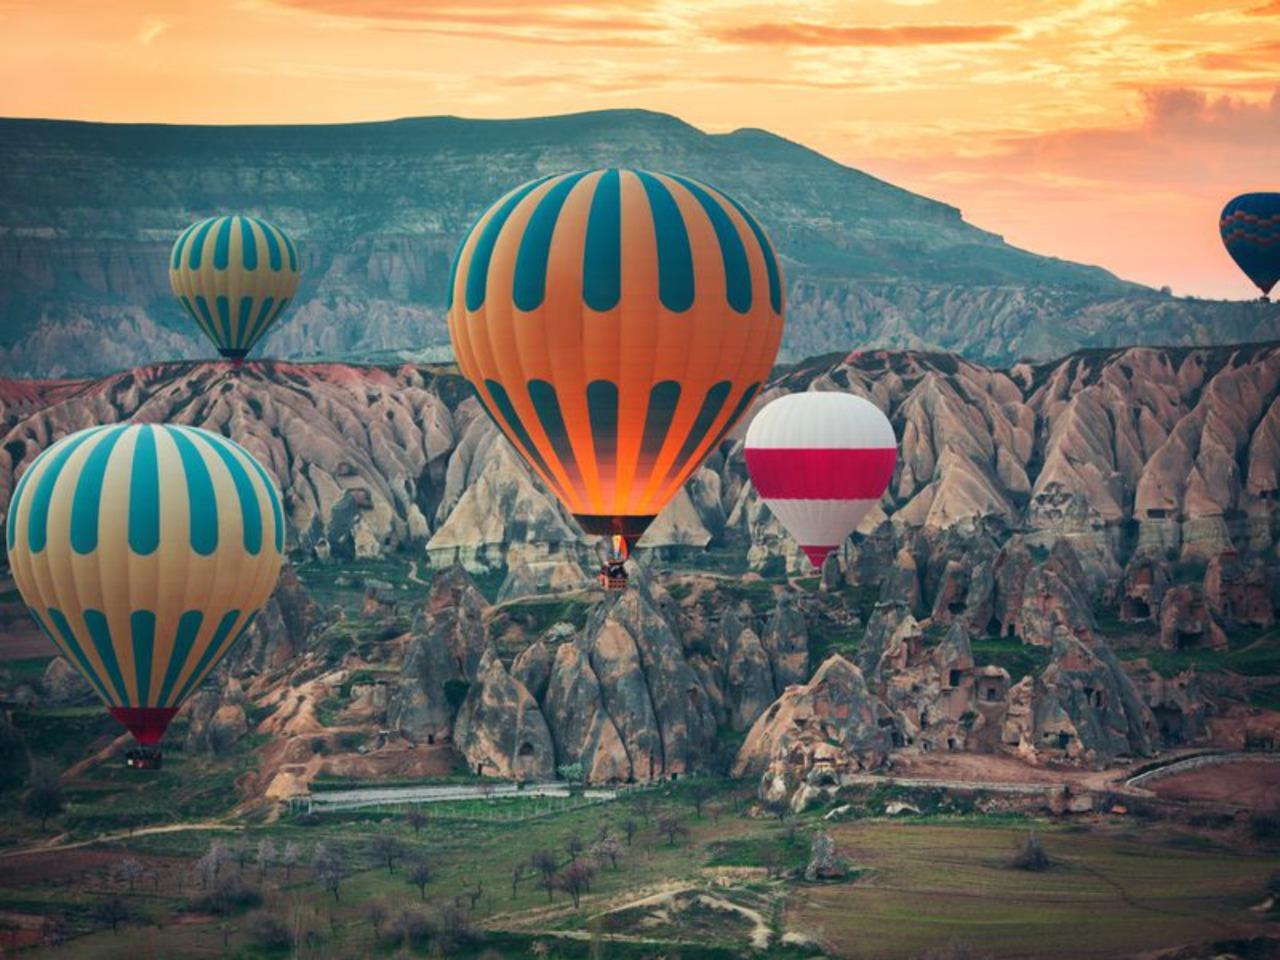 Волшебный уикенд в Каппадокии  - групповая экскурсия в Стамбуле от опытного гида